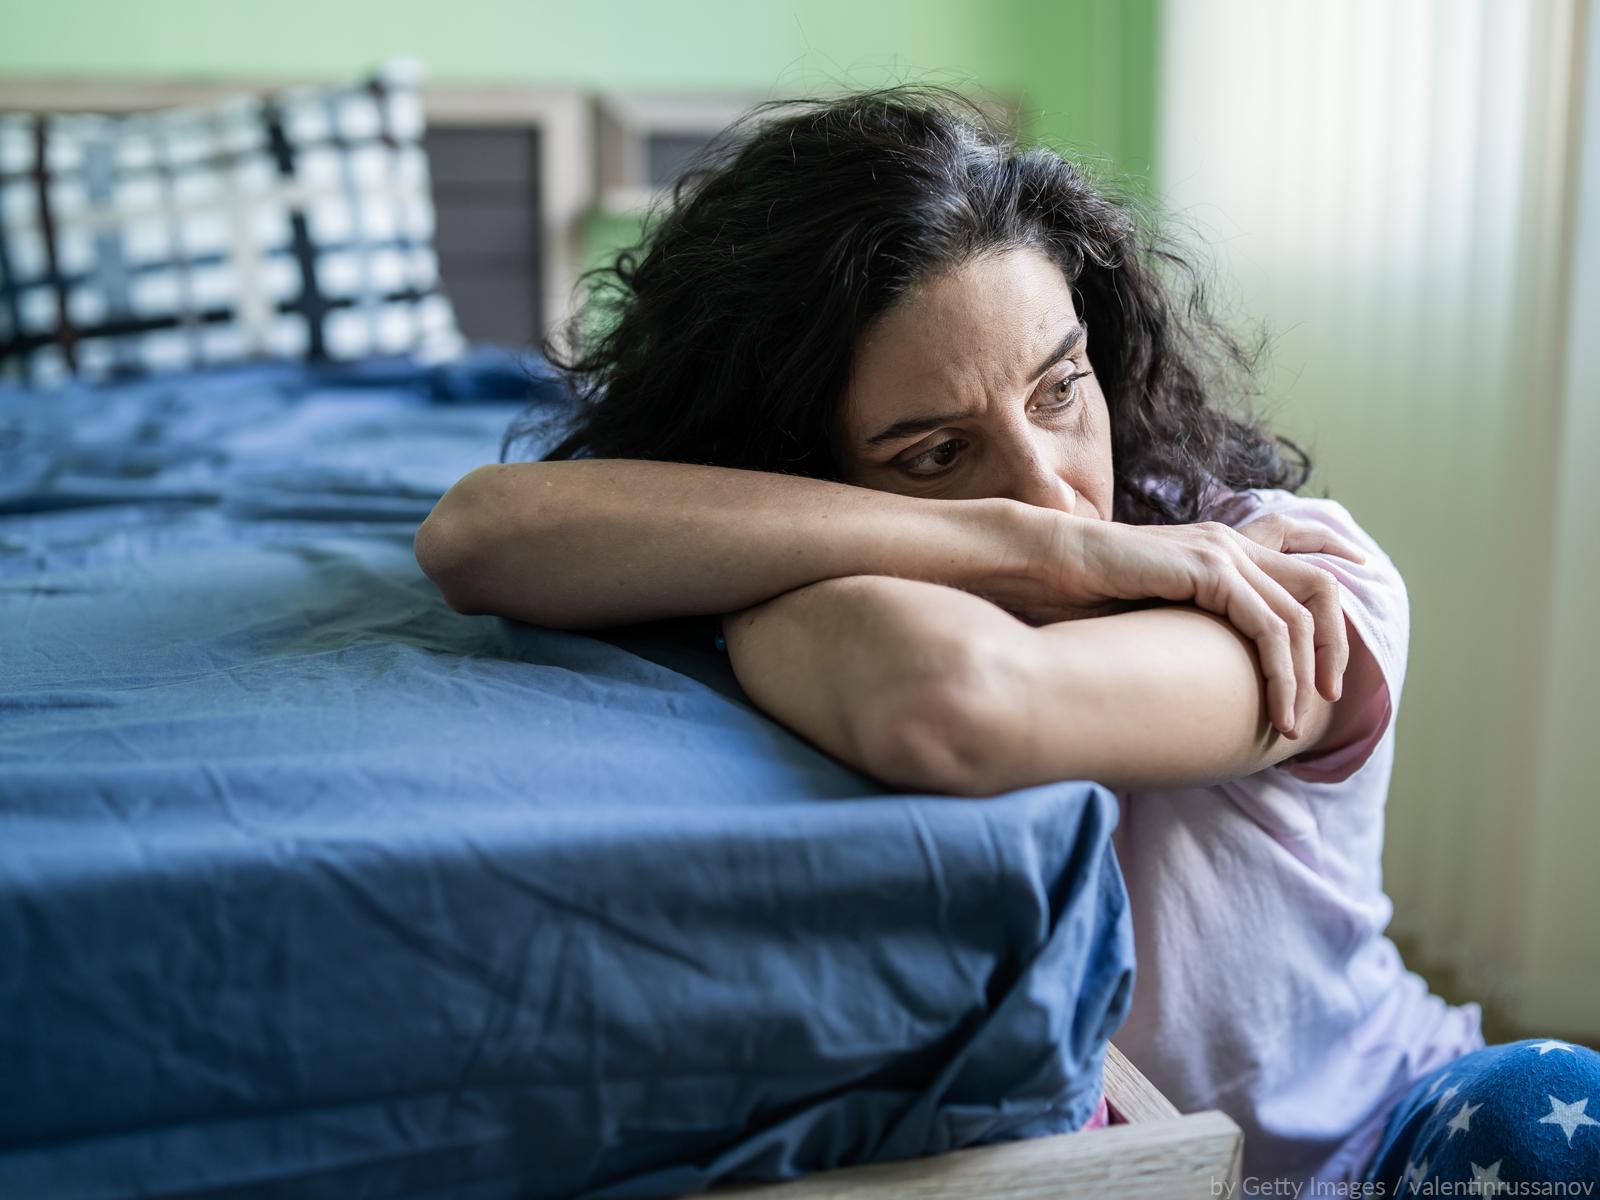 Pandemia e luto: o significado e a vivência da perda frente à morte